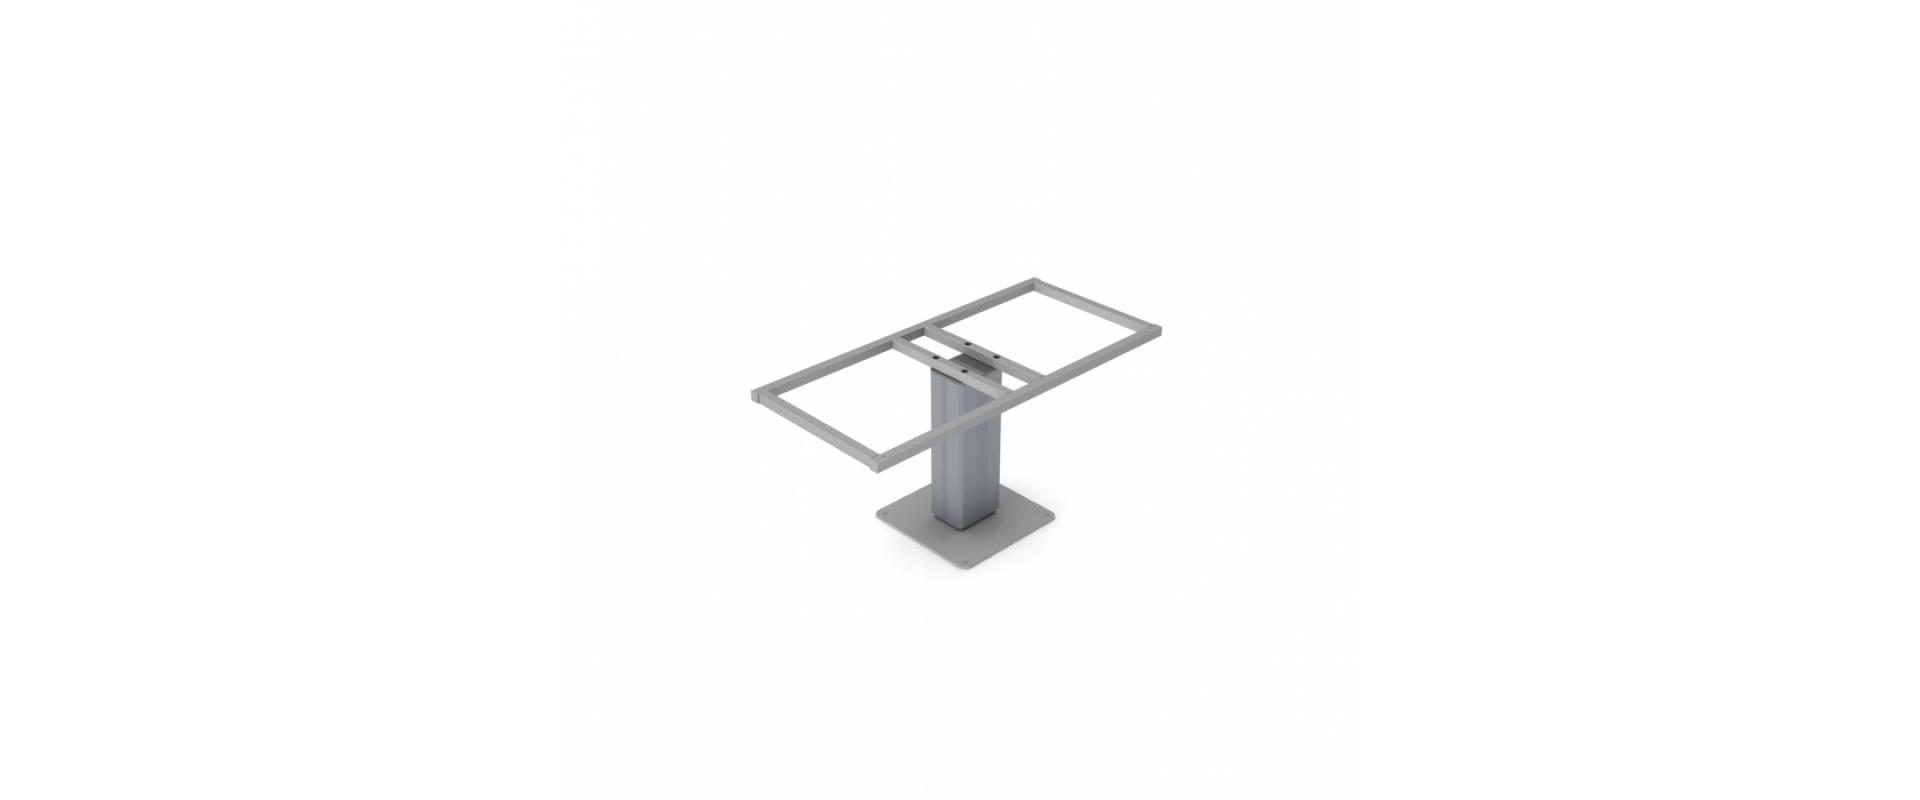 <b>Centerlift 980/981 - 60 cm djup</b>